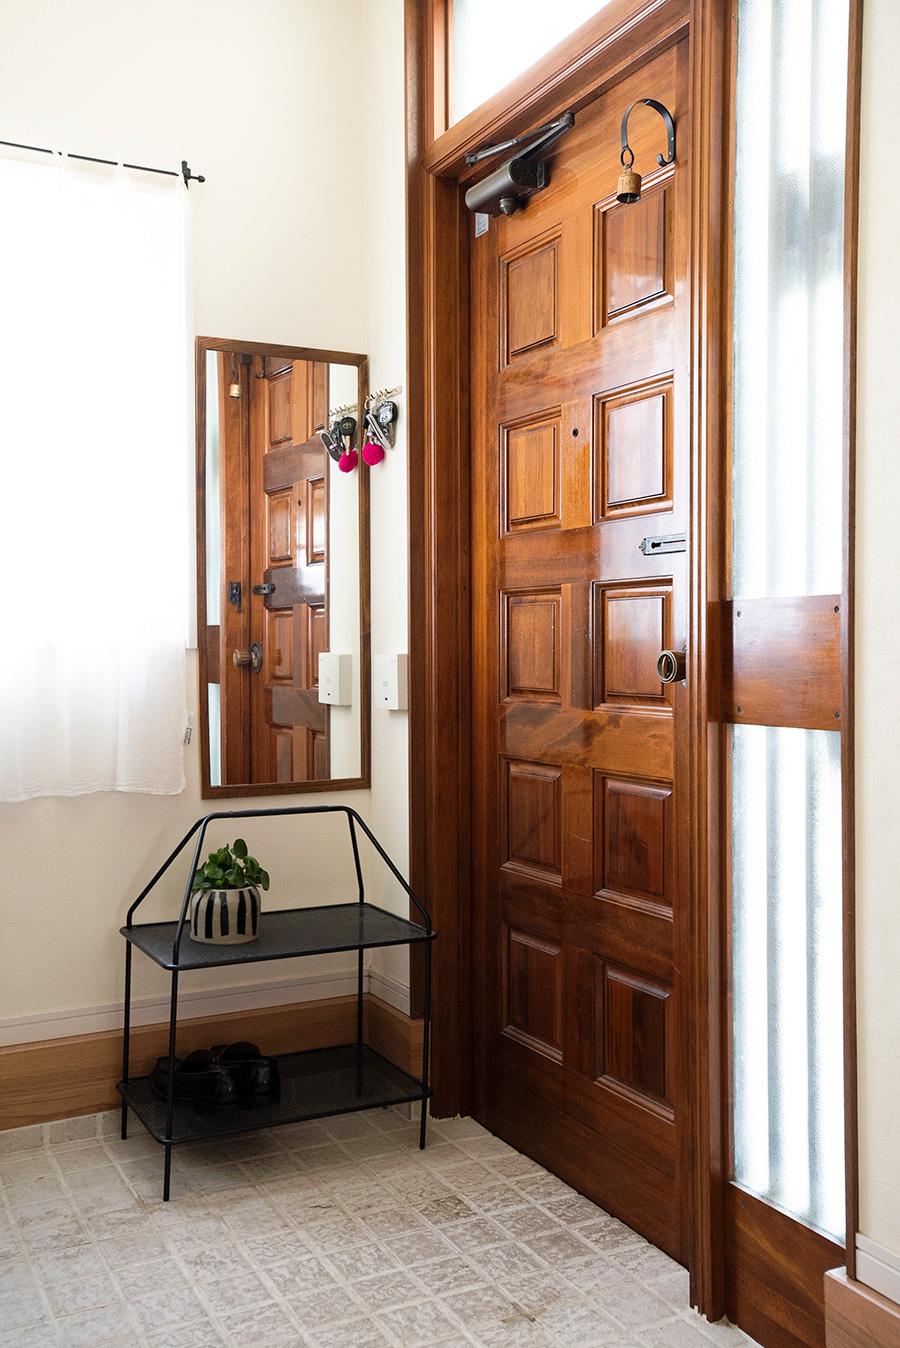 鍵置き場は玄関を入ったときに死角になる位置に。鏡の下は、靴の仮置き場。欲張って何足も置かず、上には植物などを飾ると生活感をカバーできる。